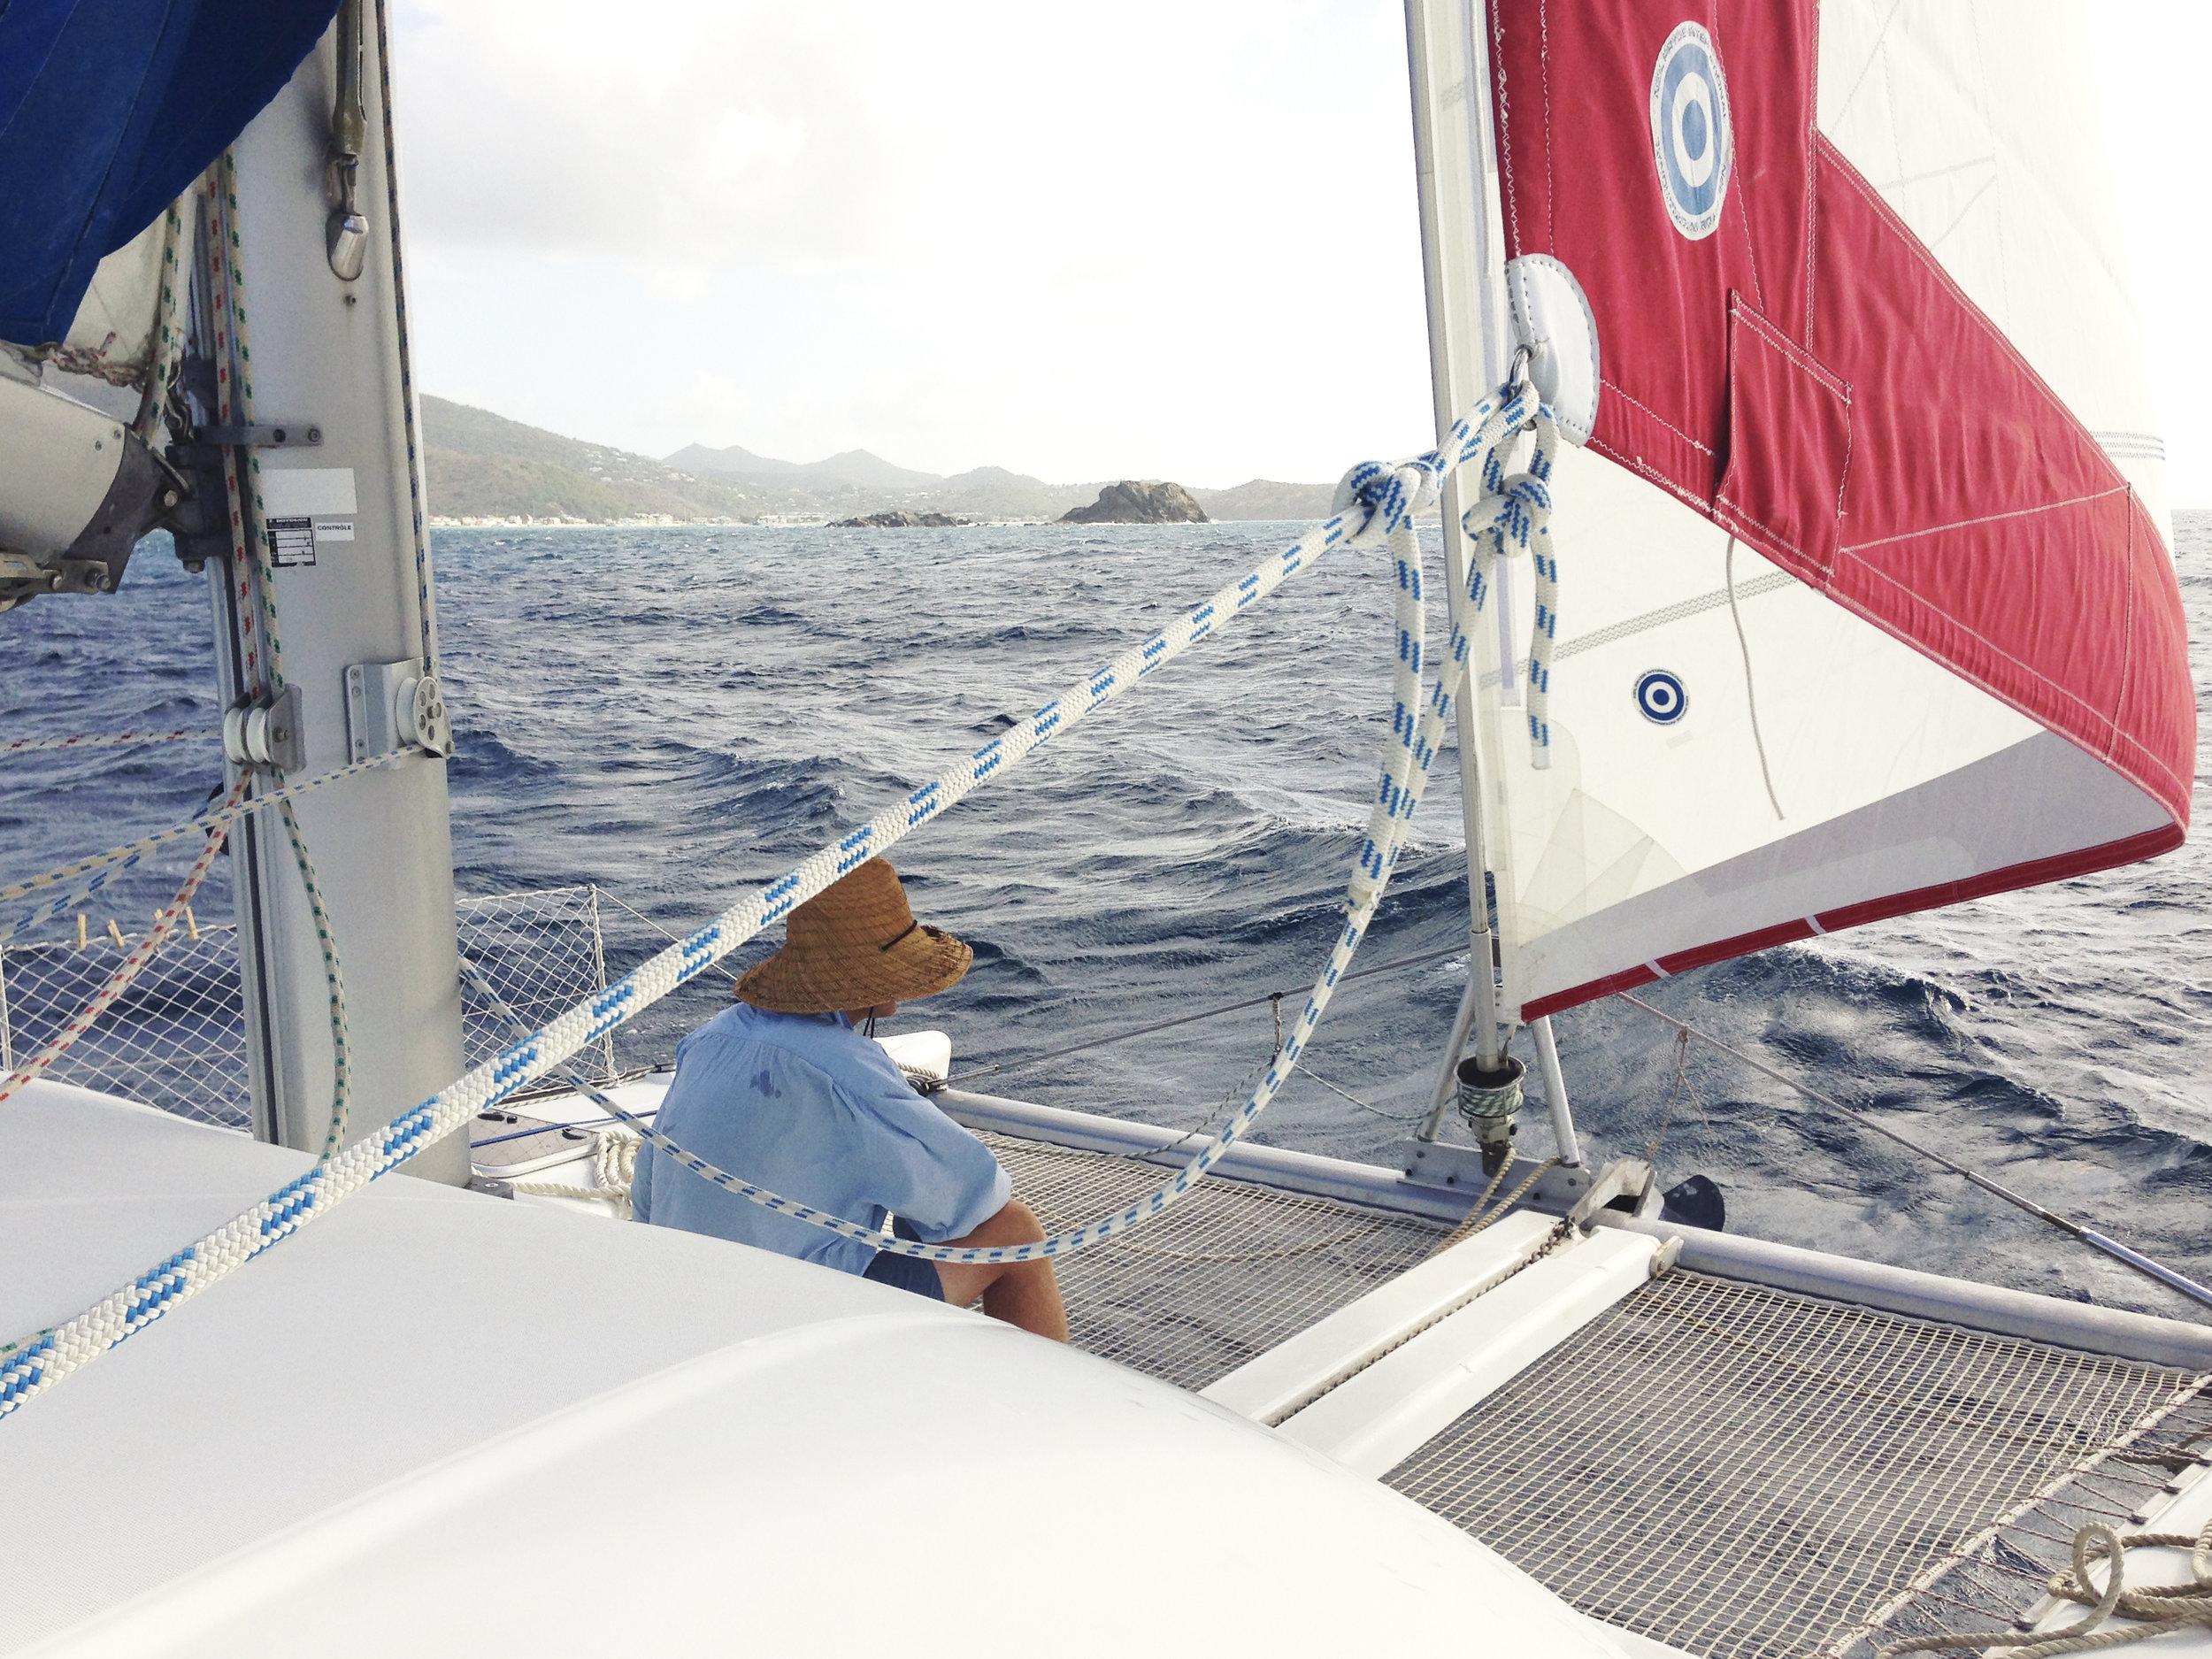 Approaching Marigot Bay, St. Martin. Photo: Ty LaMont Mecham